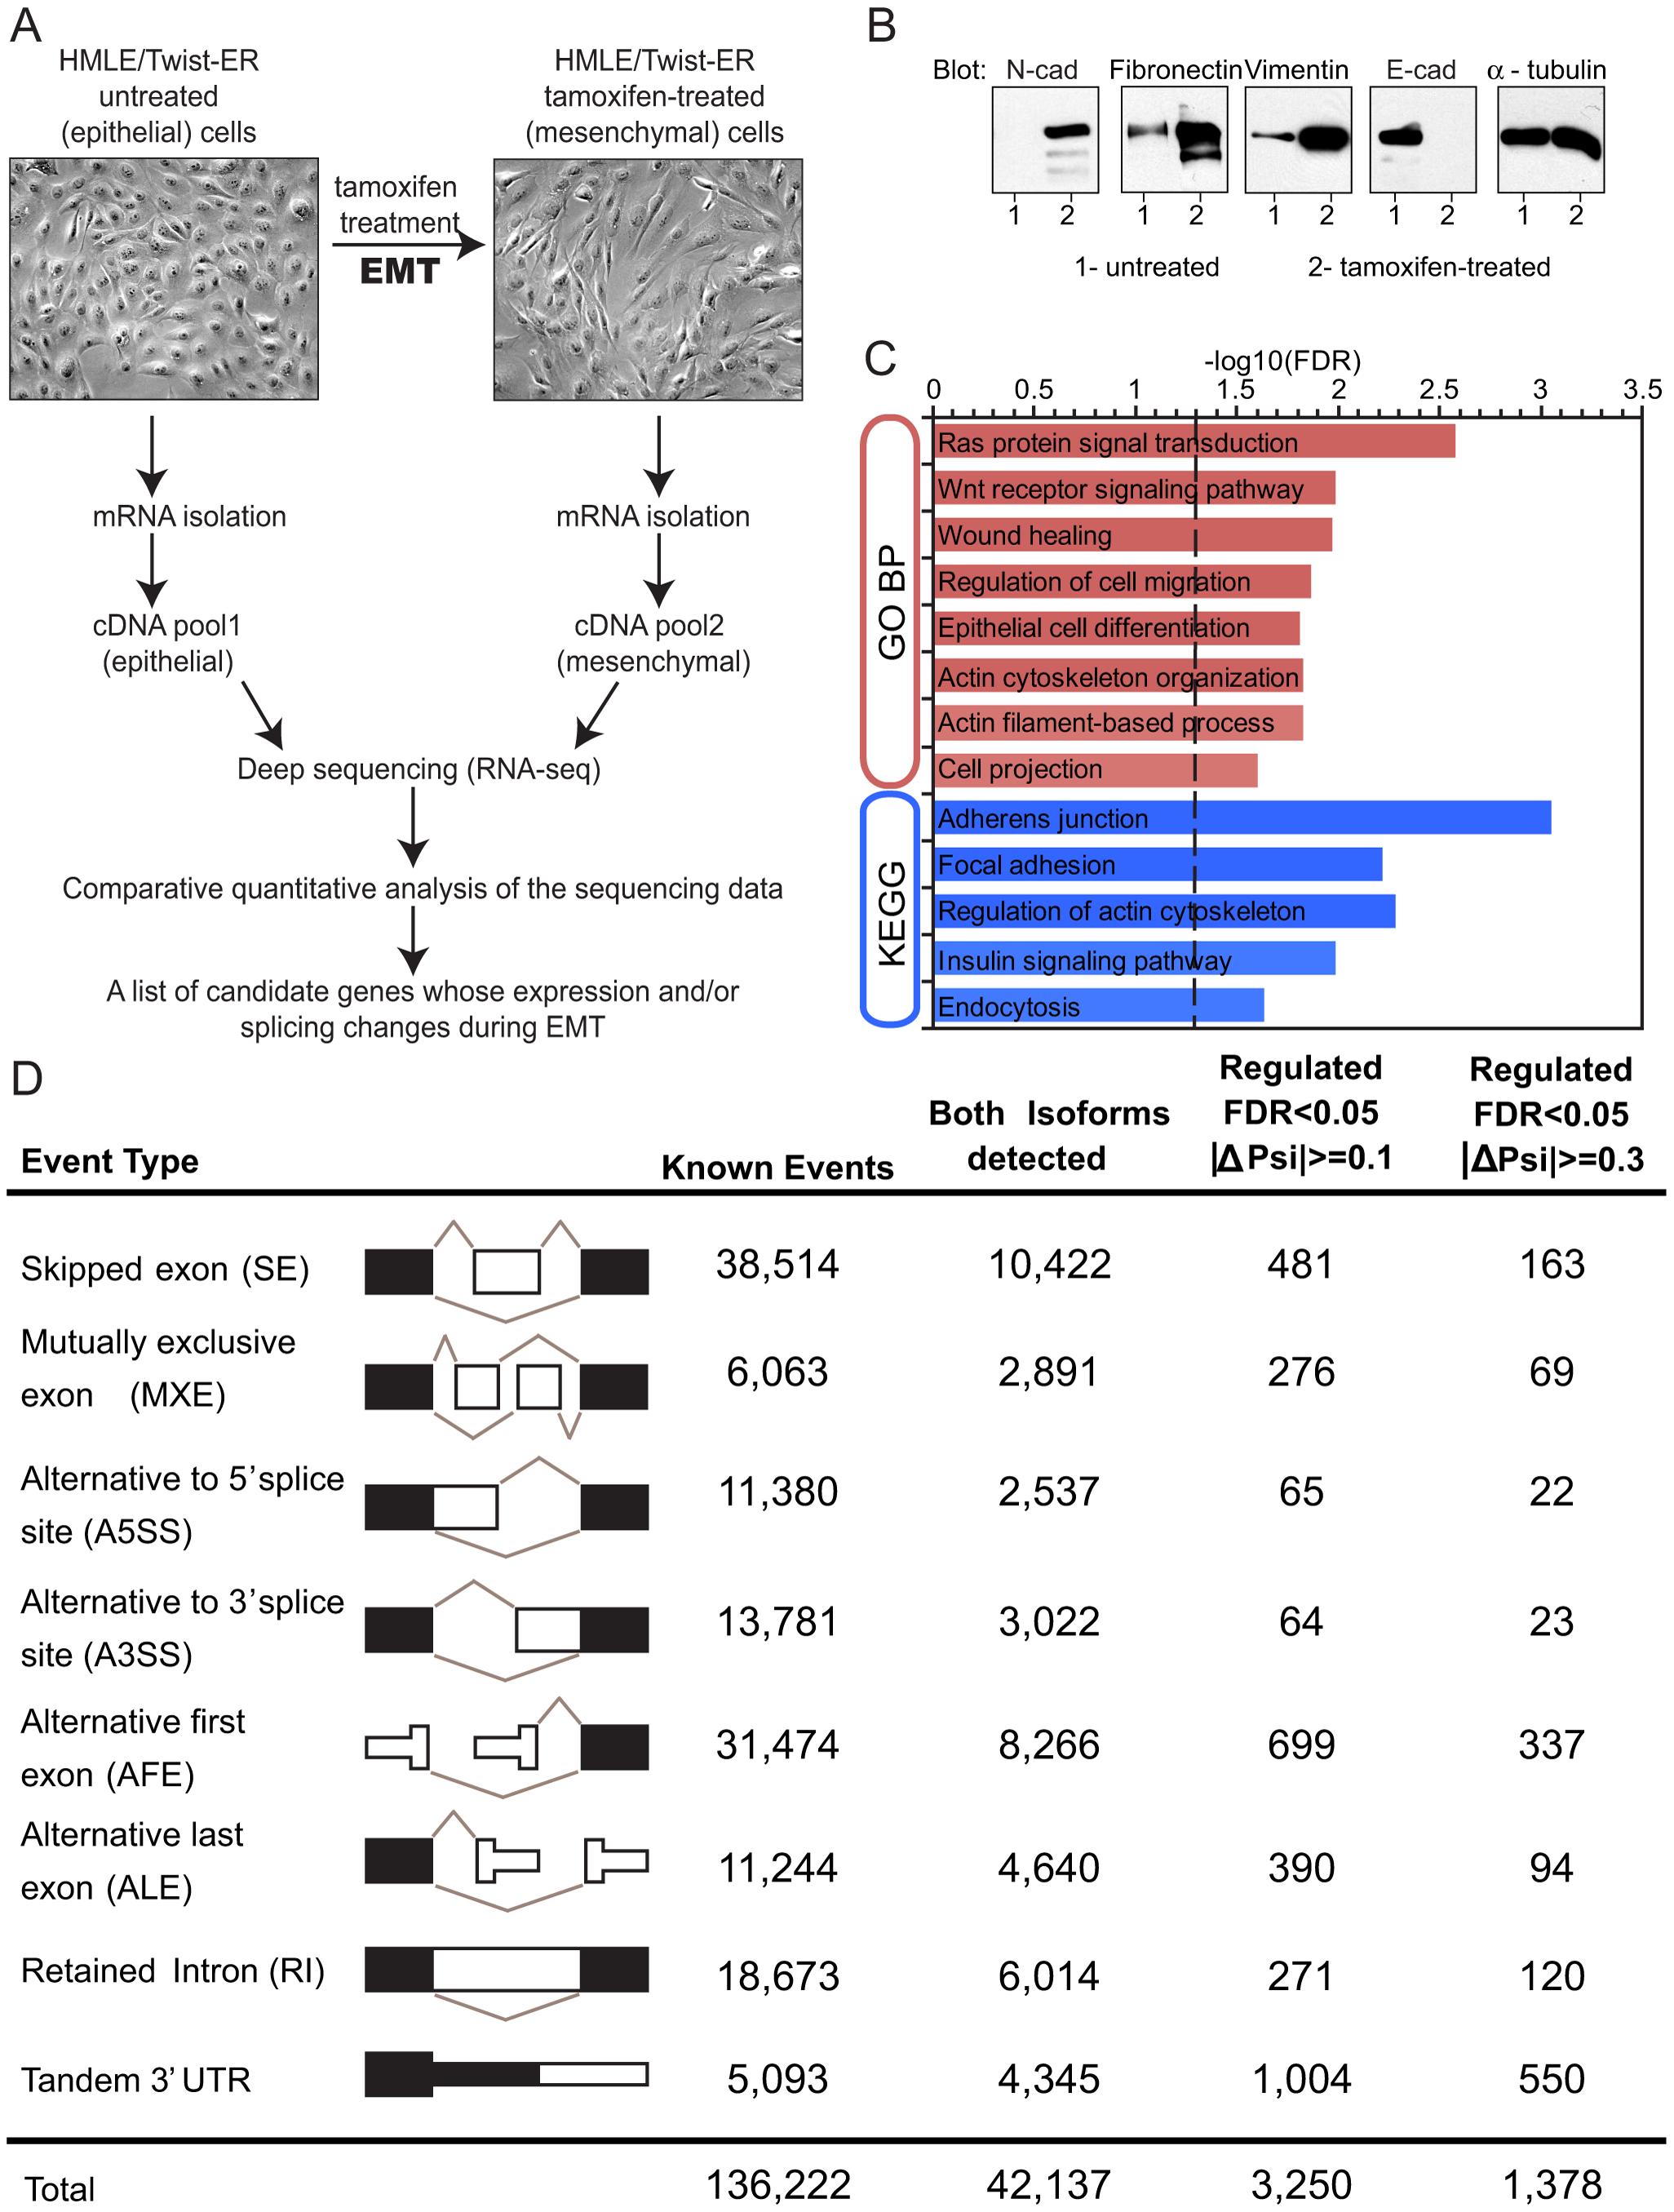 Alternative mRNA isoform expression in EMT.